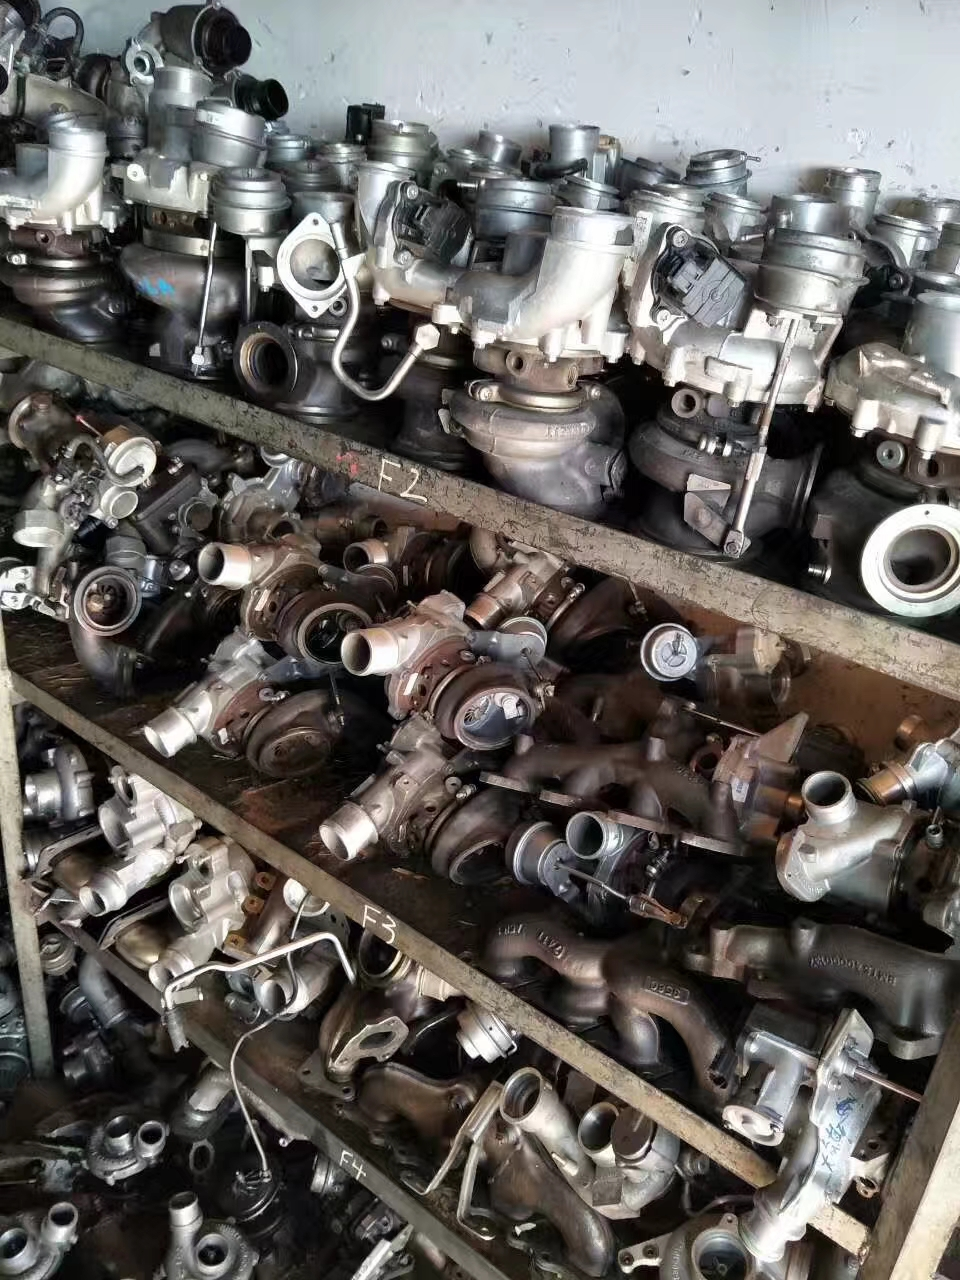 回收涡轮增压器回收下线试验涡轮增压器回收-上门回收-现金结算